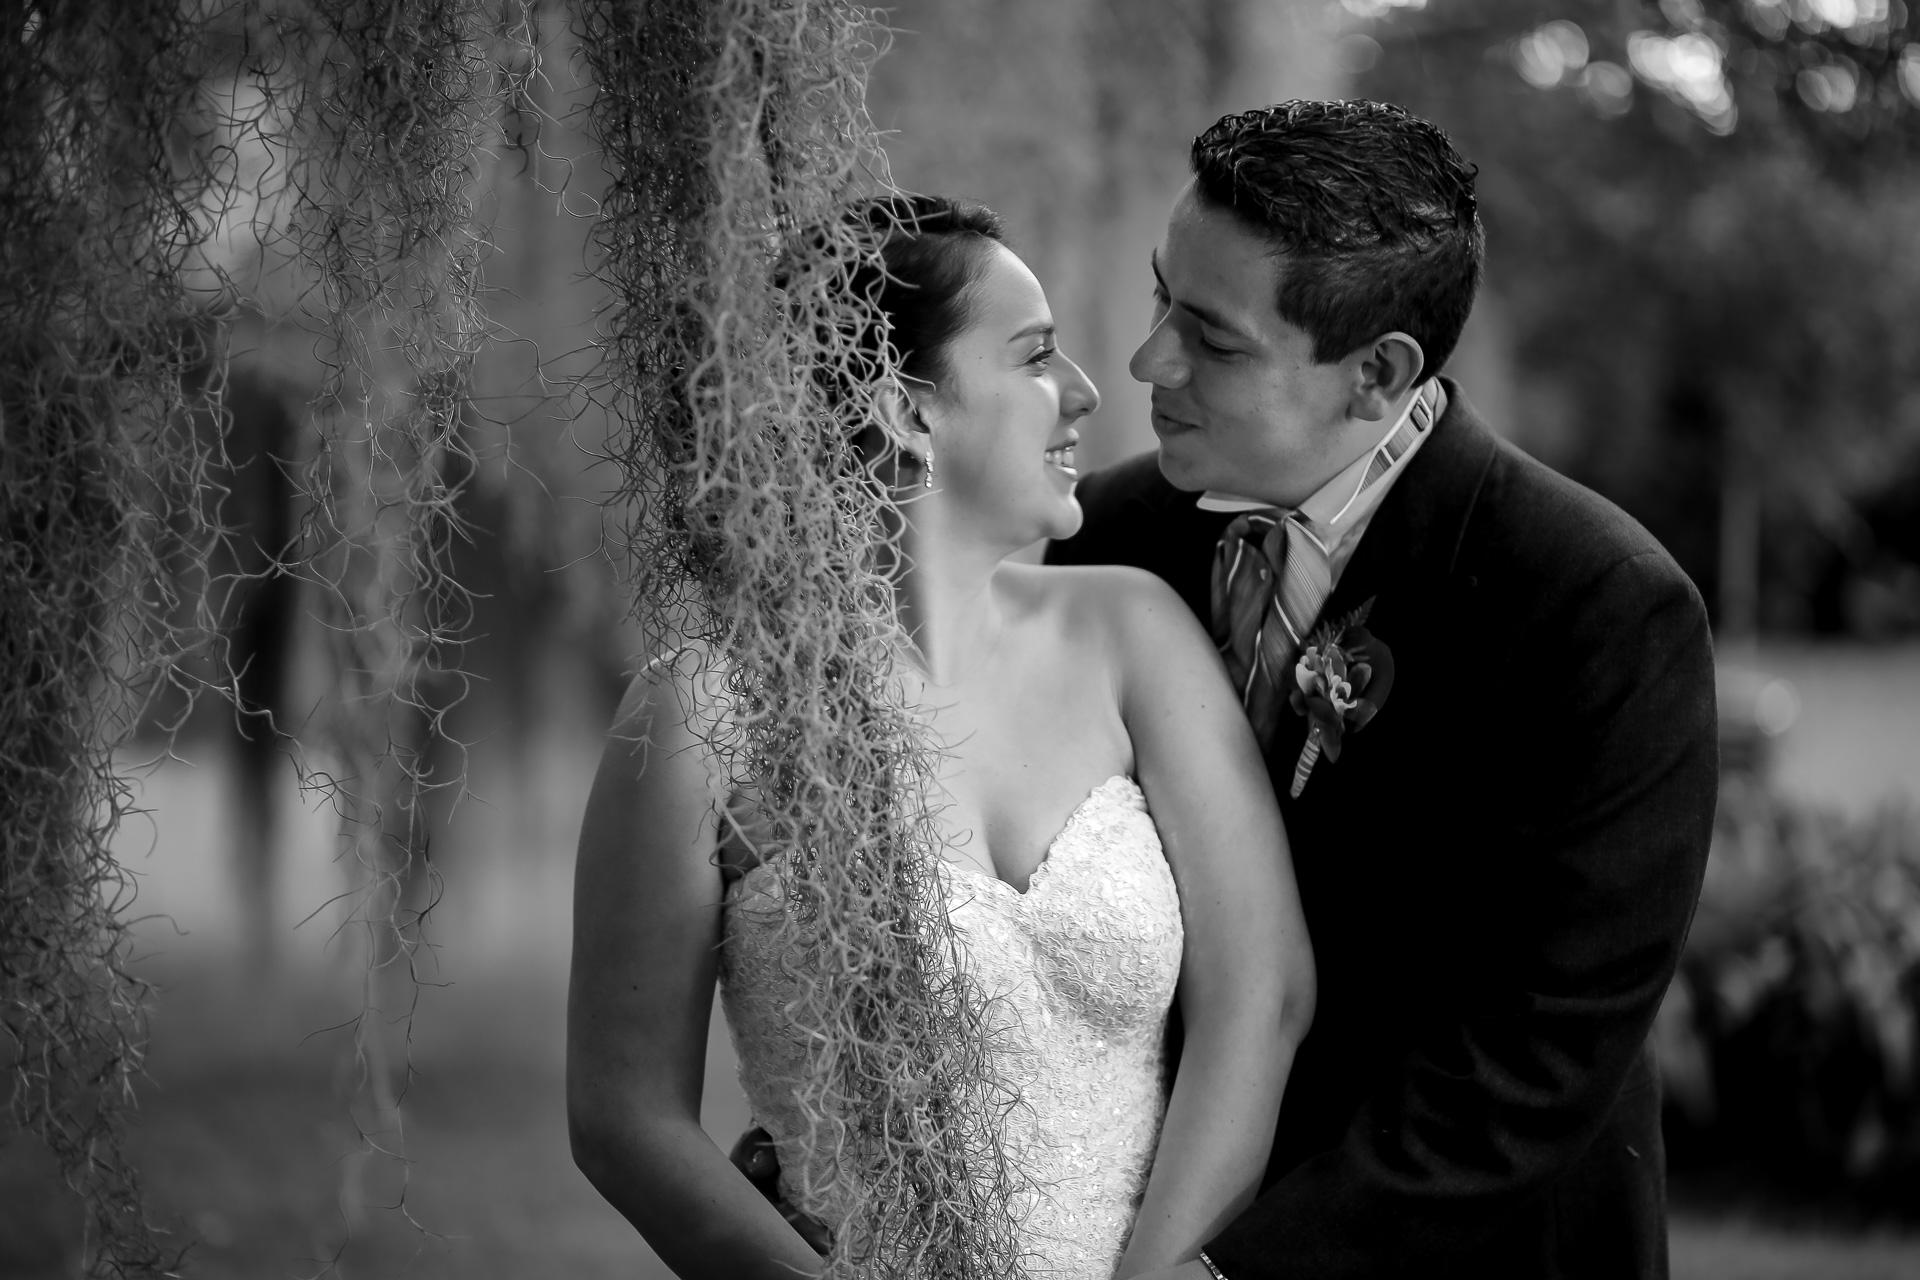 Fotógrafos-de-bodas-en-Colombia-Angela-y-Camilo-5 ANGELA + CAMILO